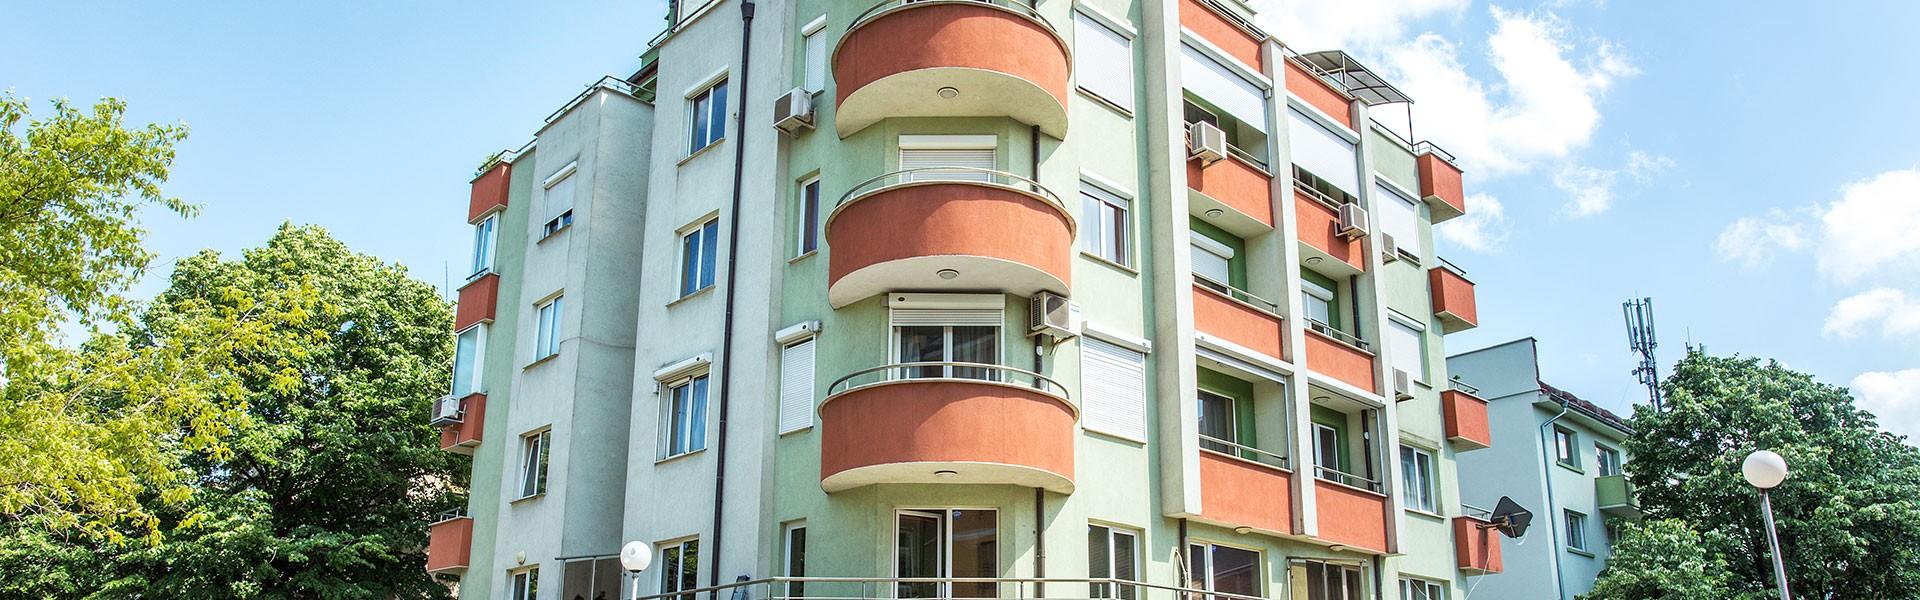 Жилищна сграда ул. Персенк 67, кв. Лозенец